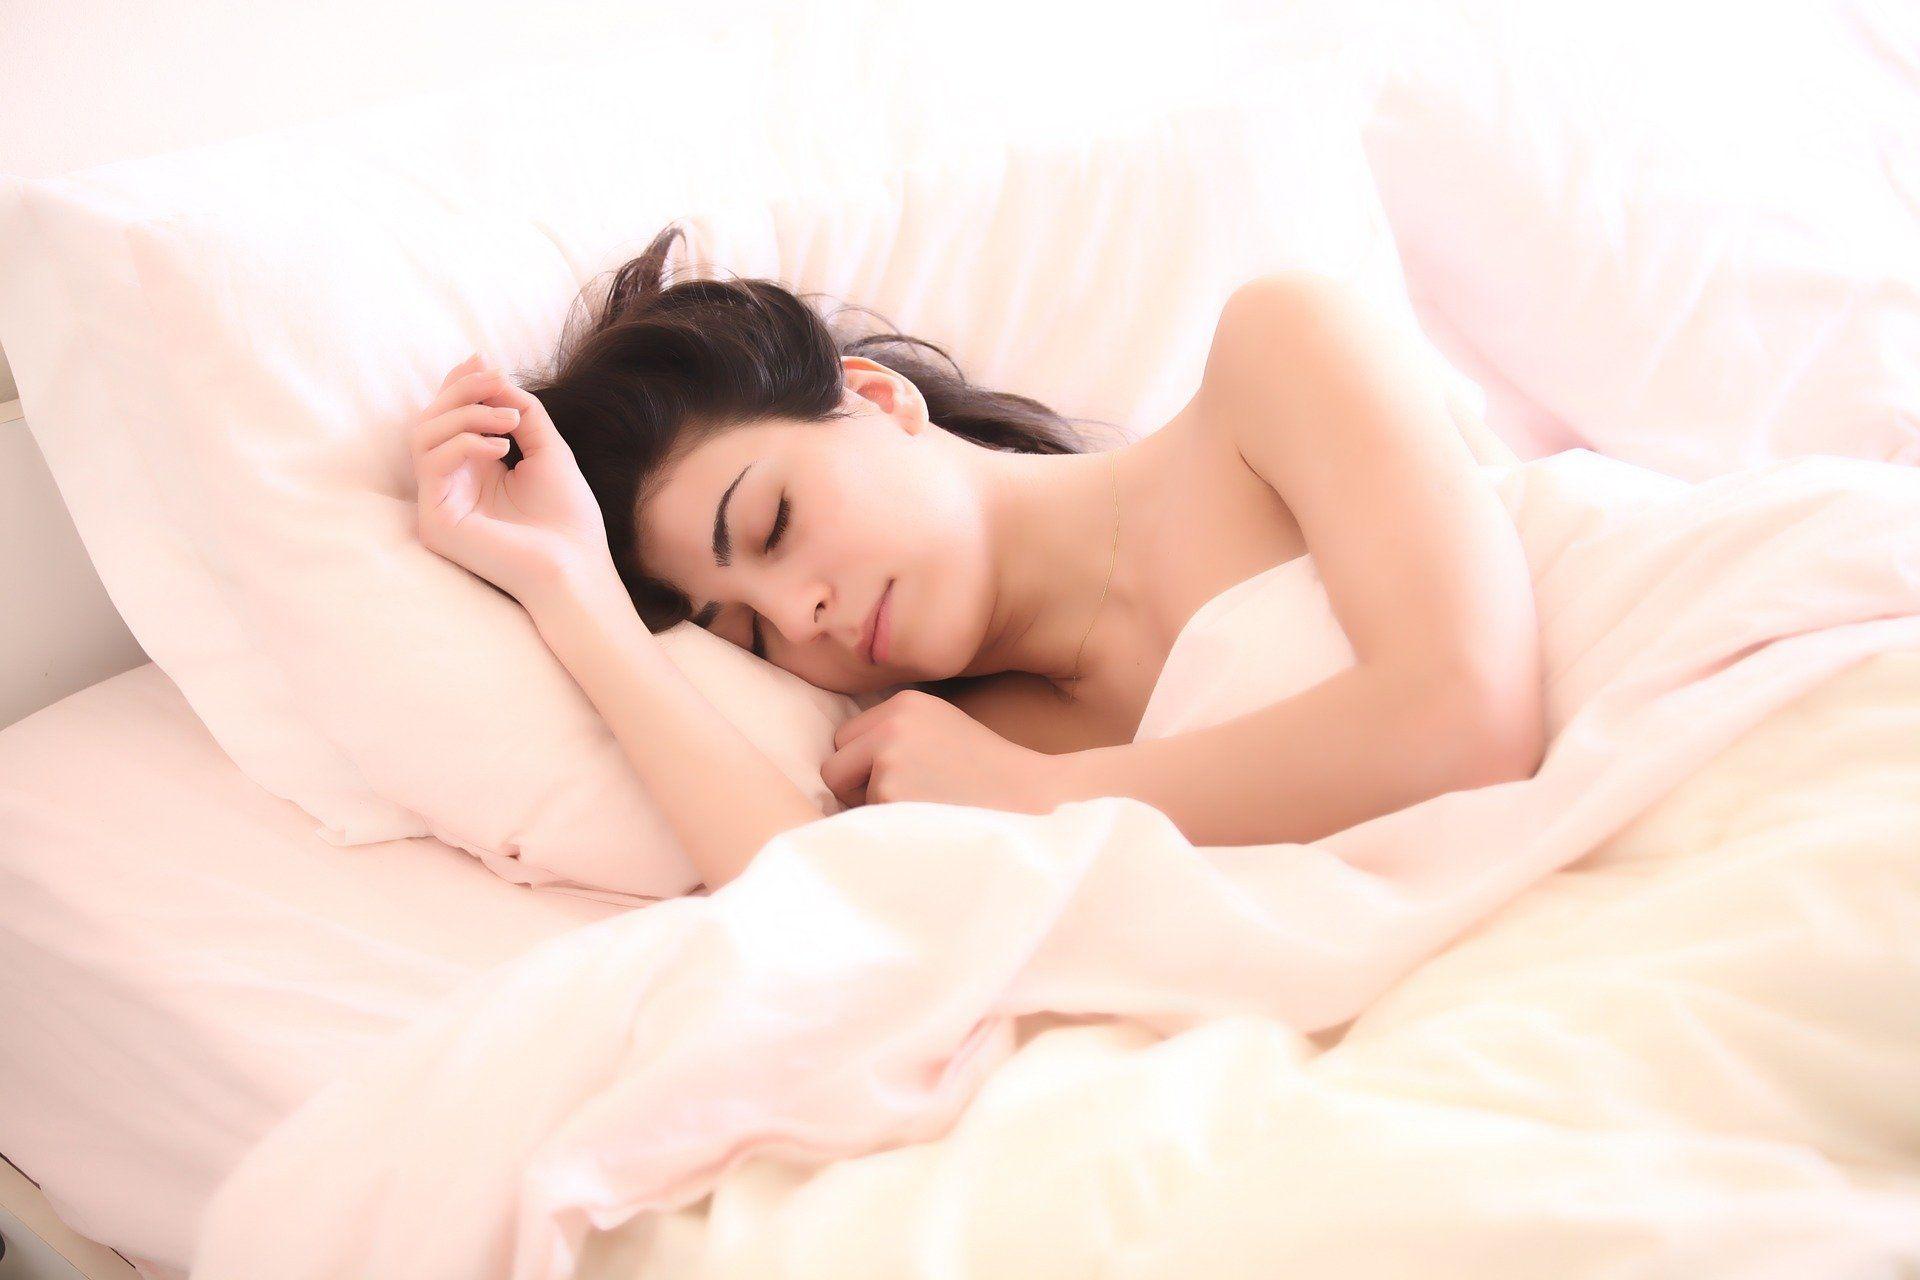 Les crampes peuvent survenir la nuit, quand les muscles se relâchent.